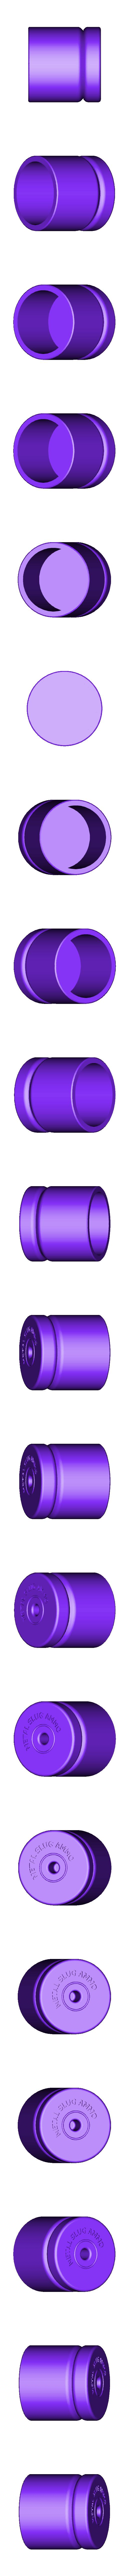 Shell.stl Télécharger fichier 3MF gratuit LIMACE MÉTALLIQUE - NOP-03 SARUBIE • Plan imprimable en 3D, FreeBug